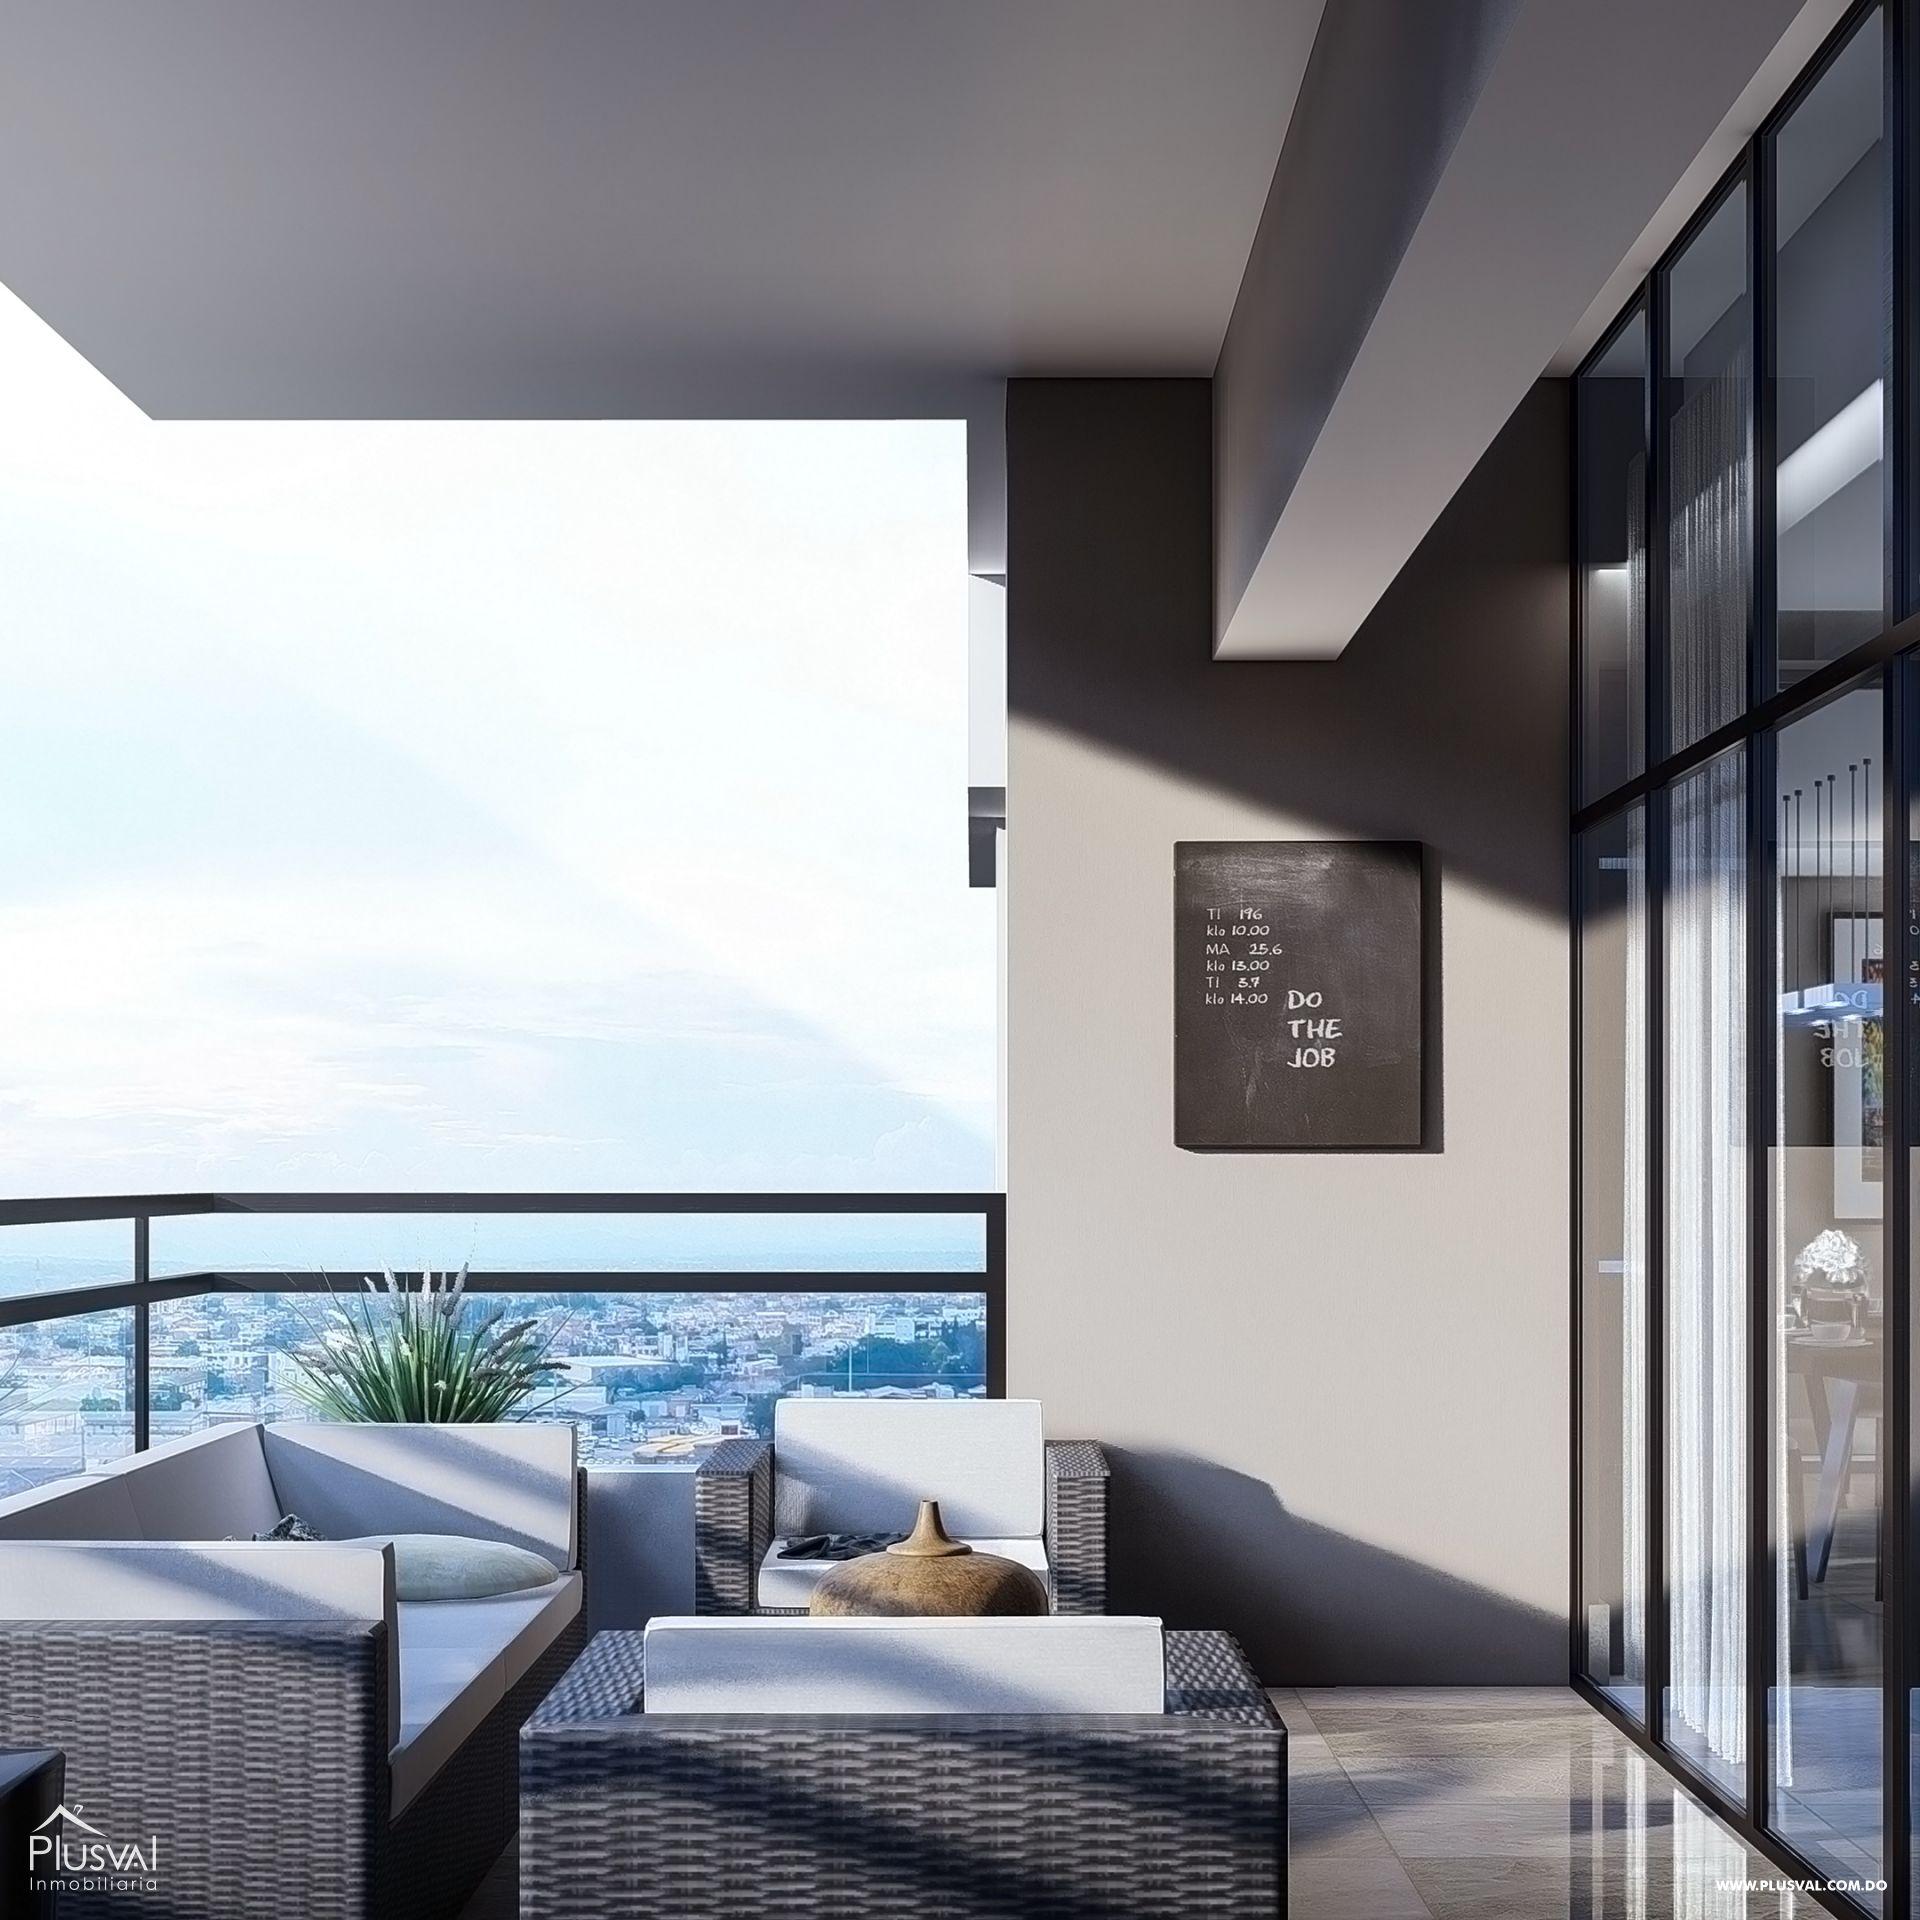 Imponente torre con apartamentos en venta uno por piso con vista al mar en Avenida Enriquillo, Cacicazgos. 144517